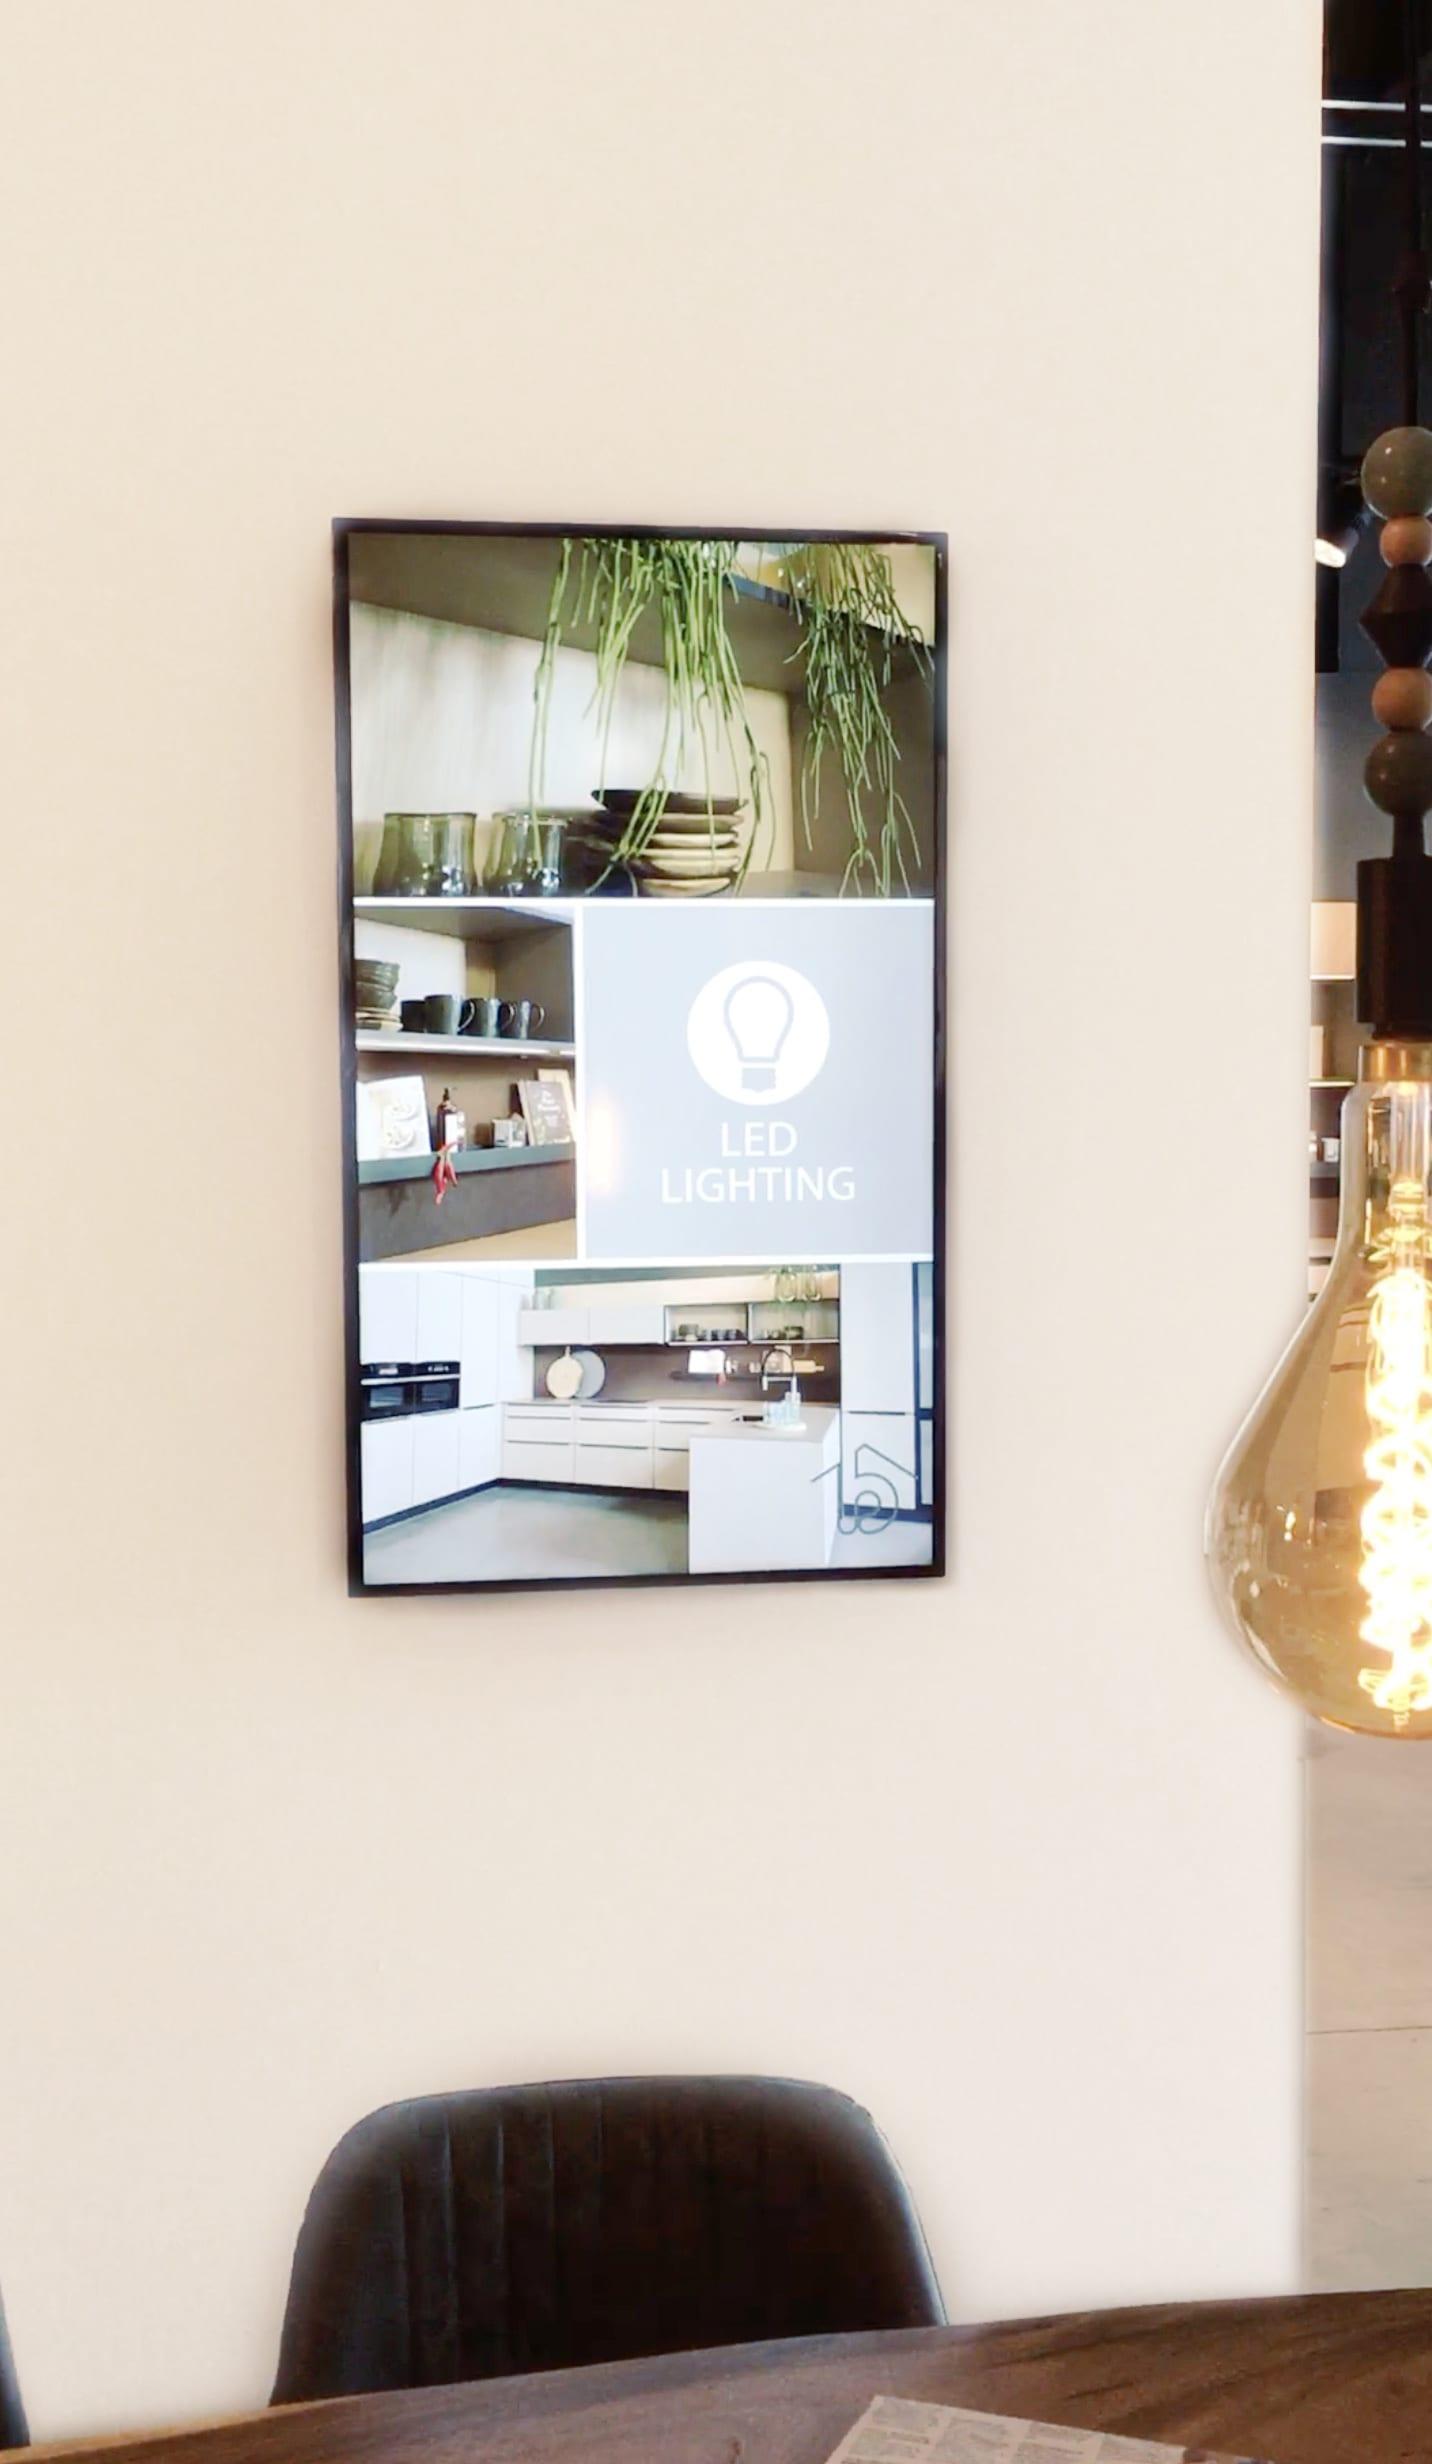 Voorbeeld van een storechannel monitor aan de muur